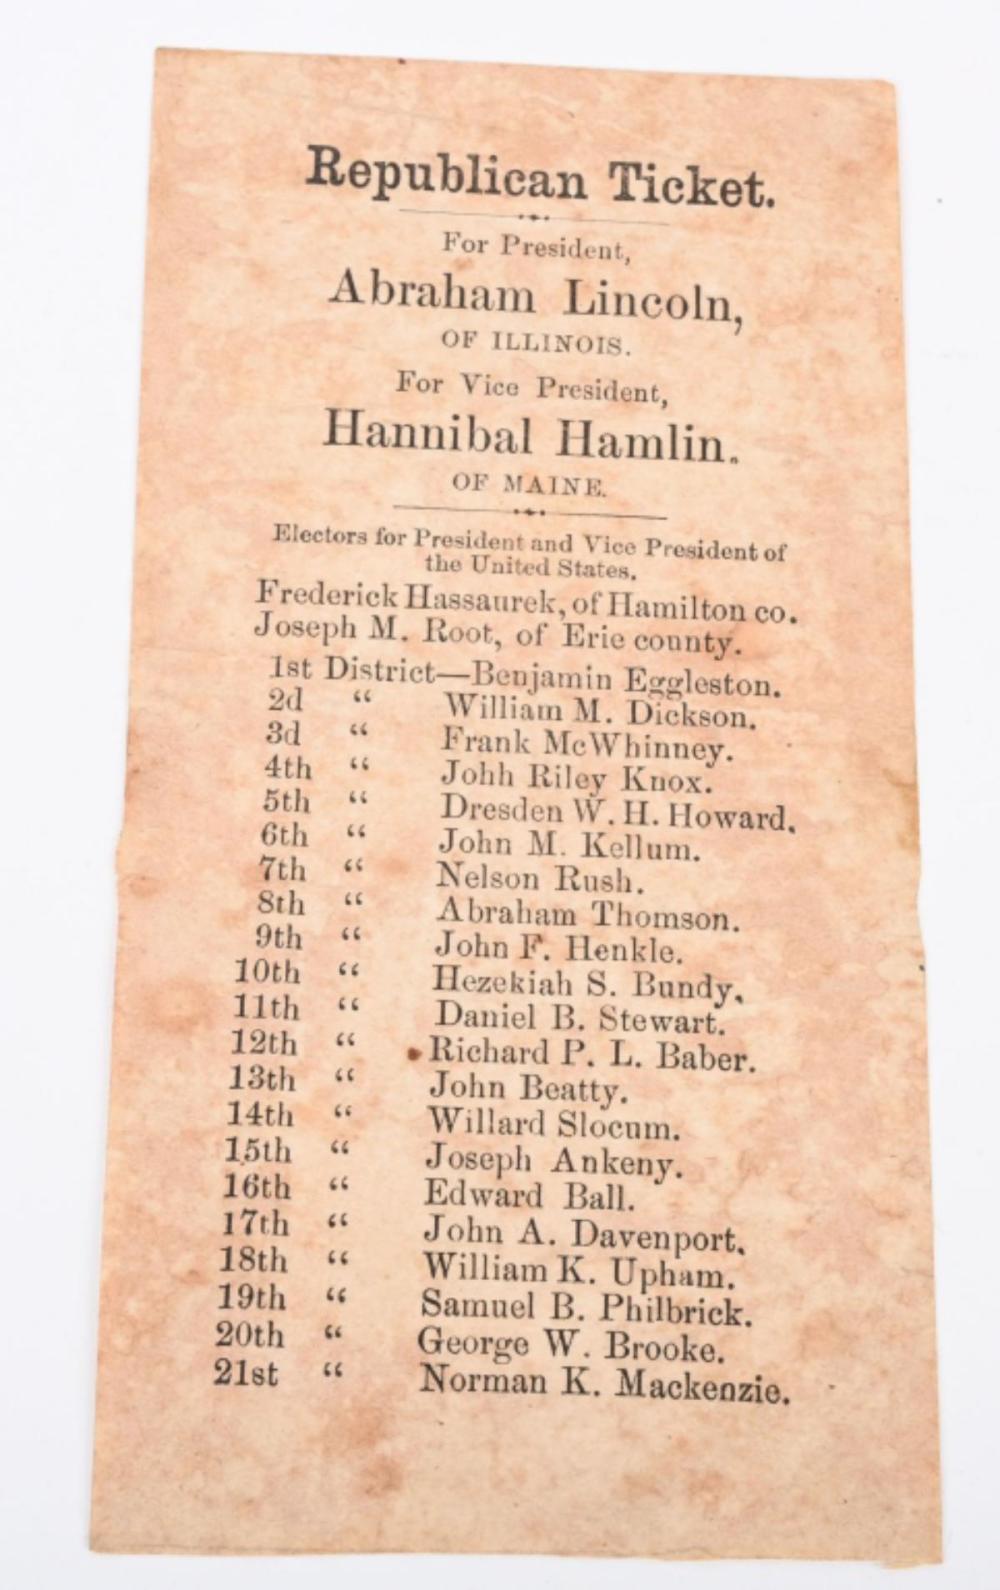 1860 ELECTION REPUBLICAN TICKET, LINCOLN - HAMLIN